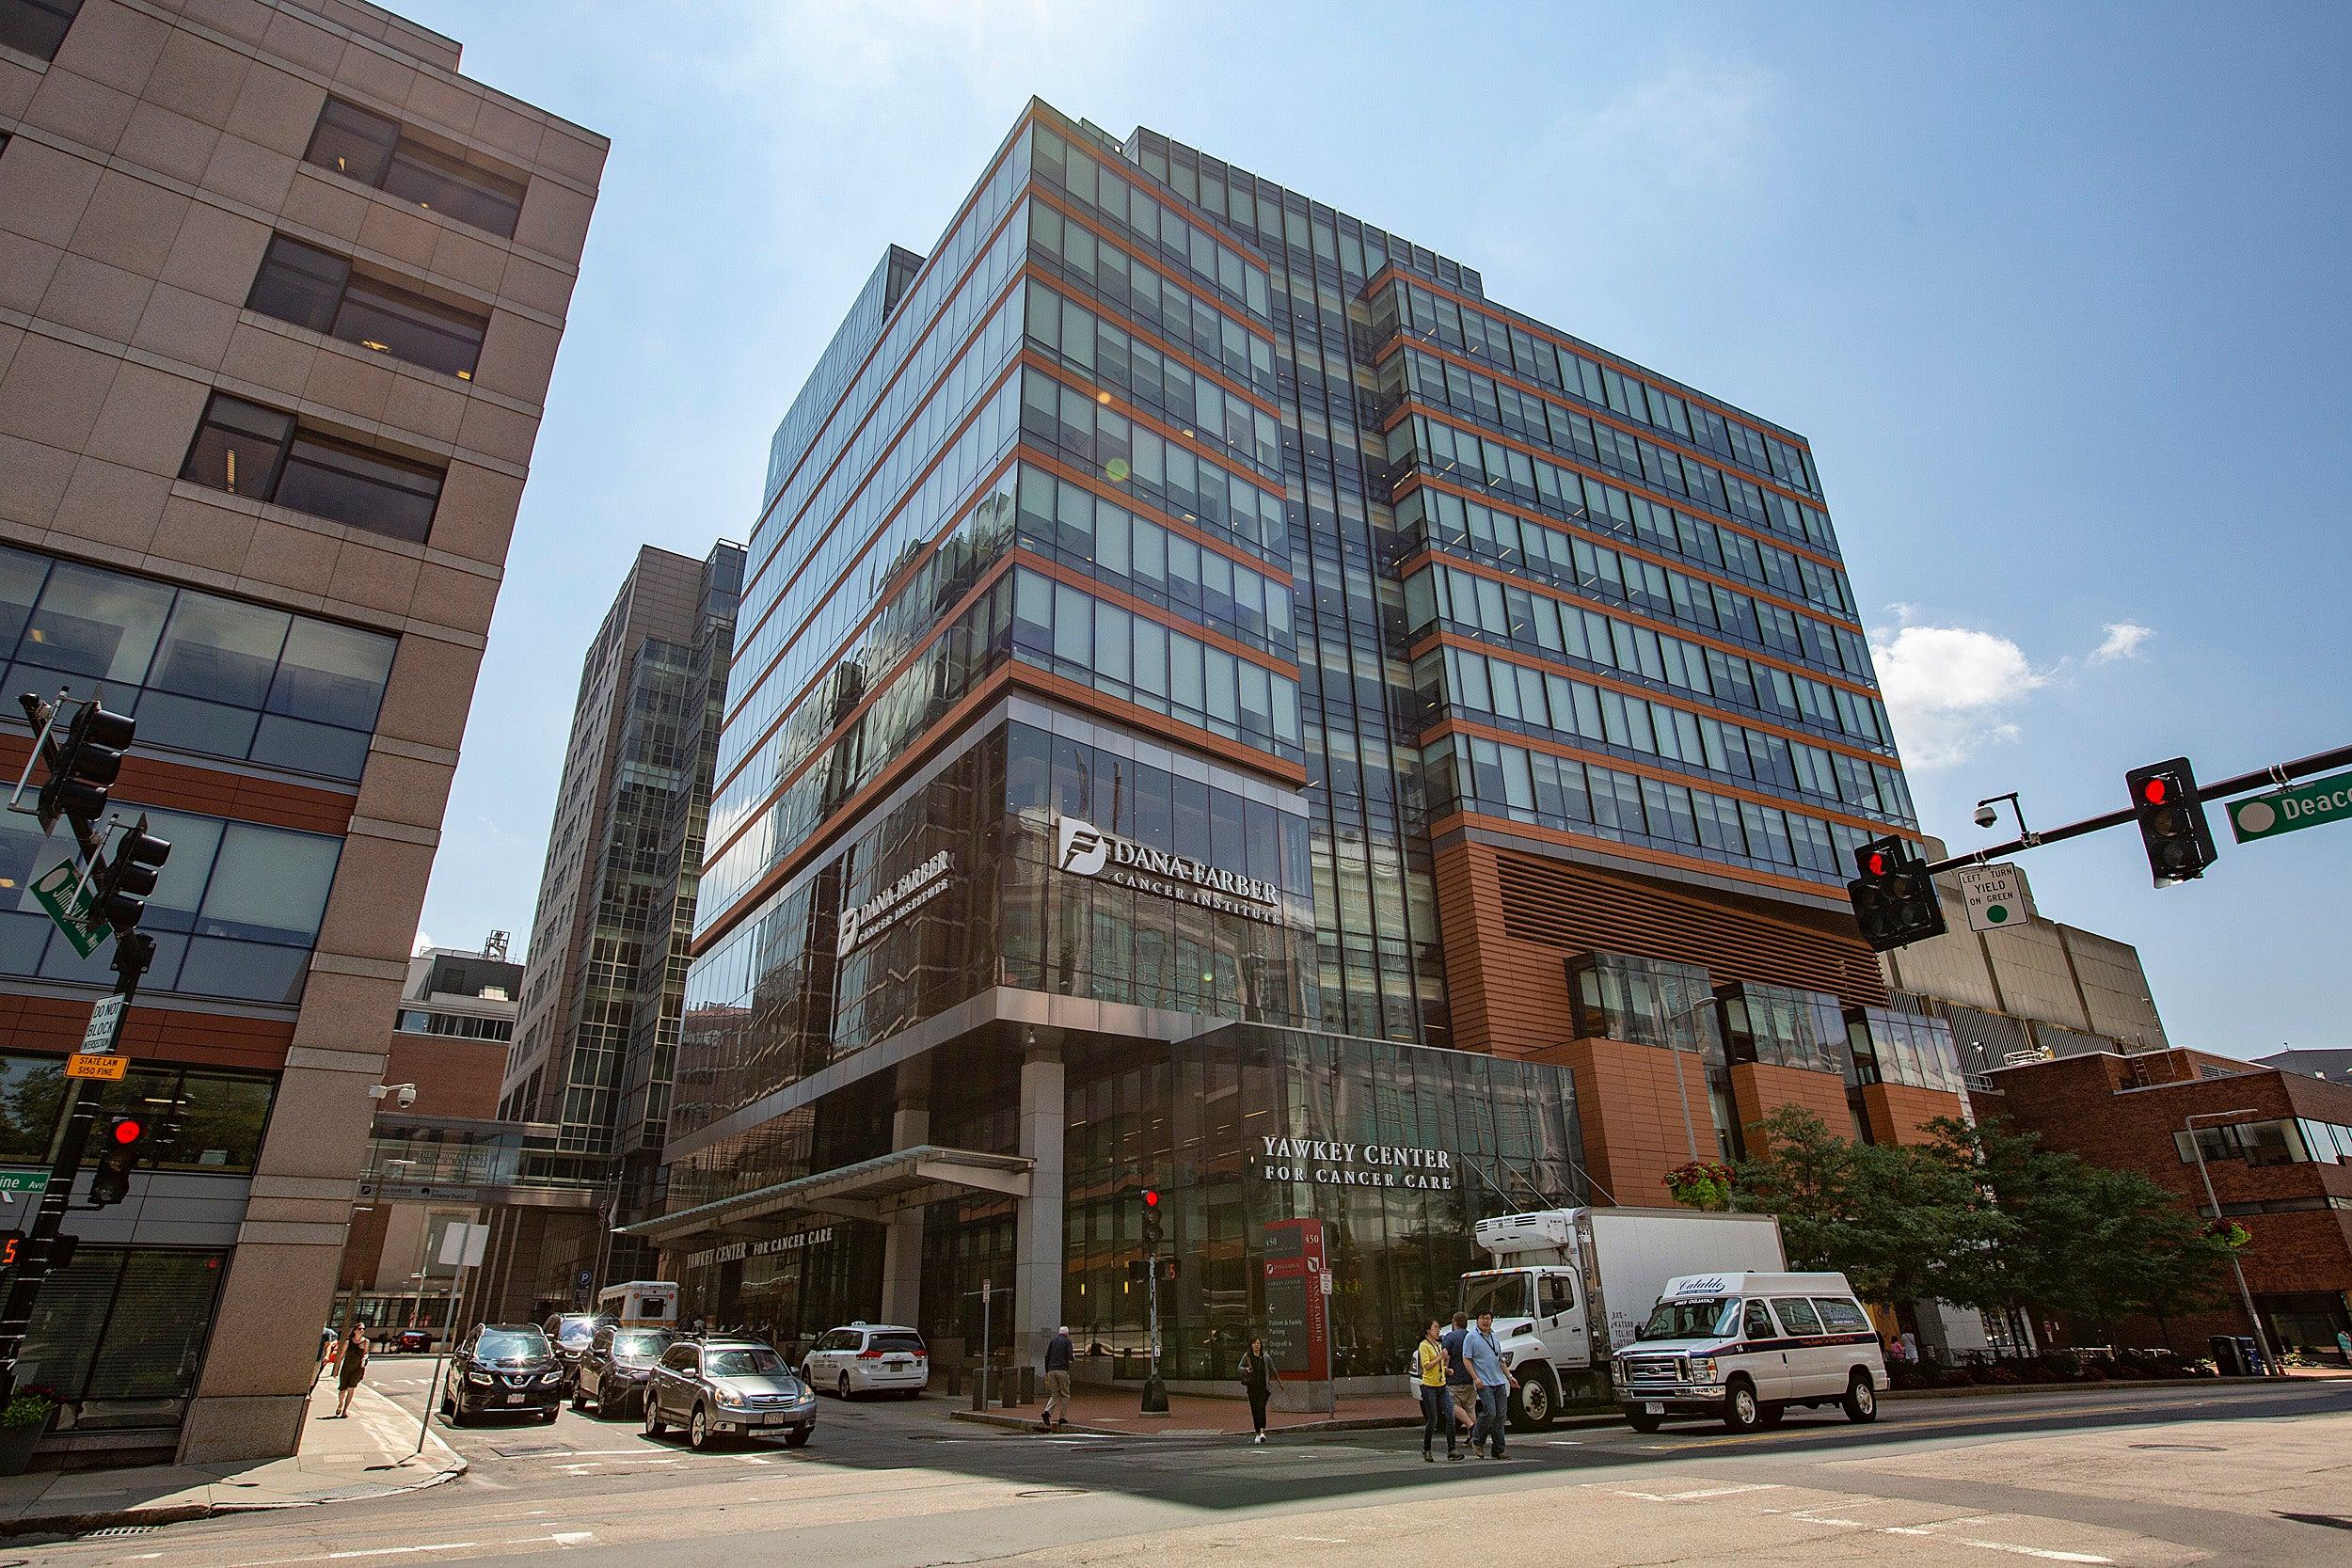 Dana Farber Cancer Institute.